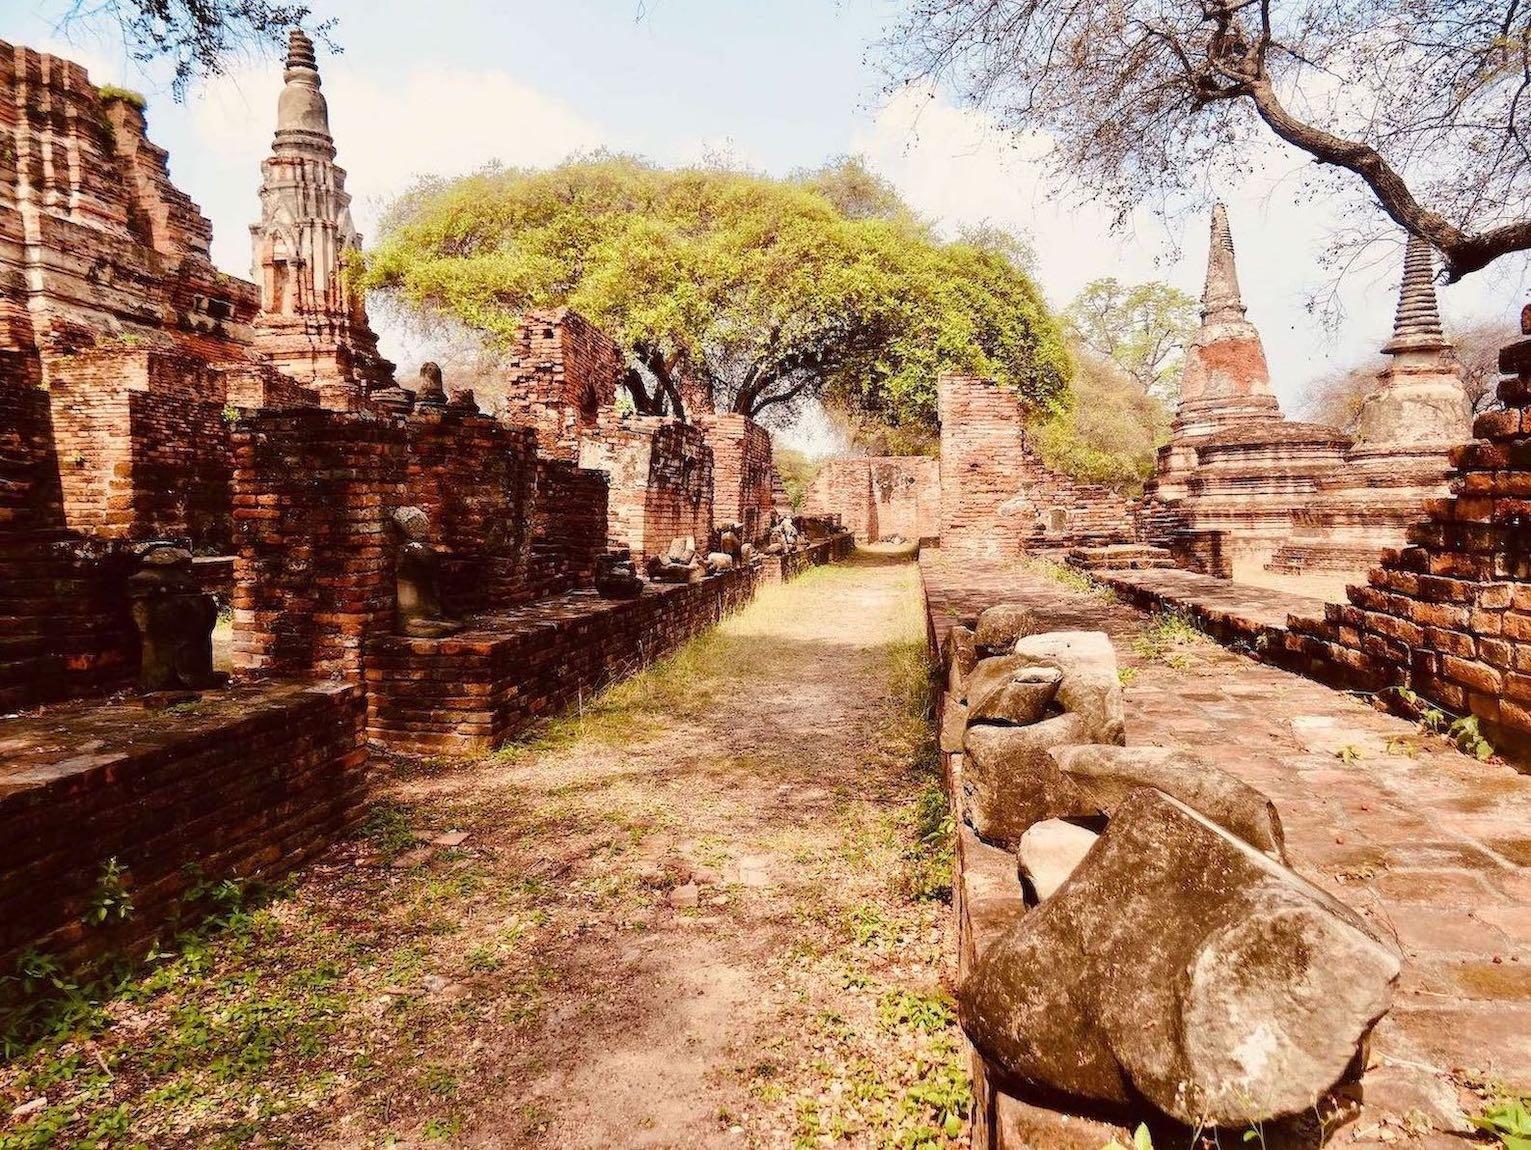 Exploring Wat Phra Ram.